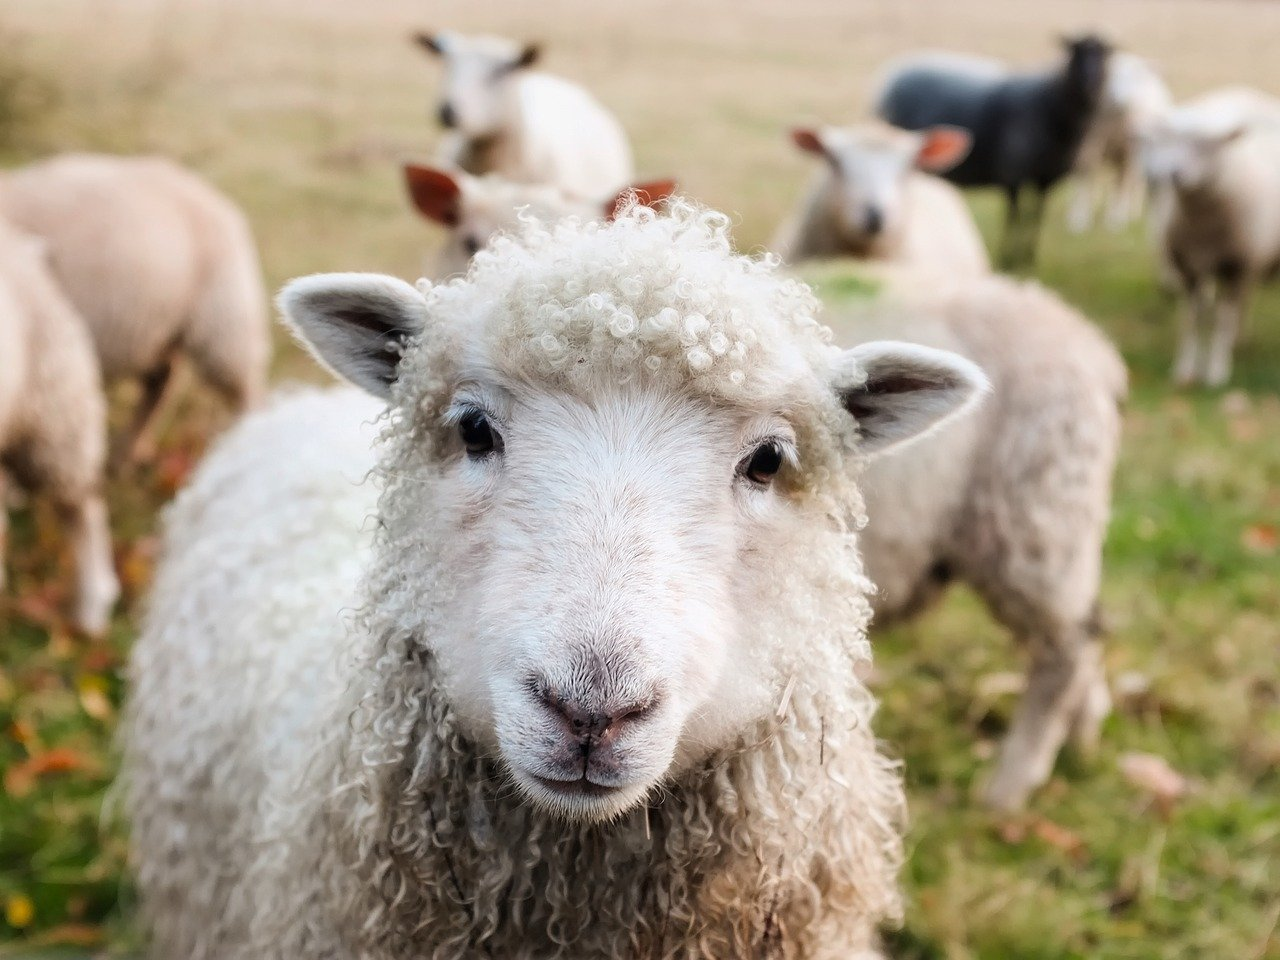 Sheep - Original image